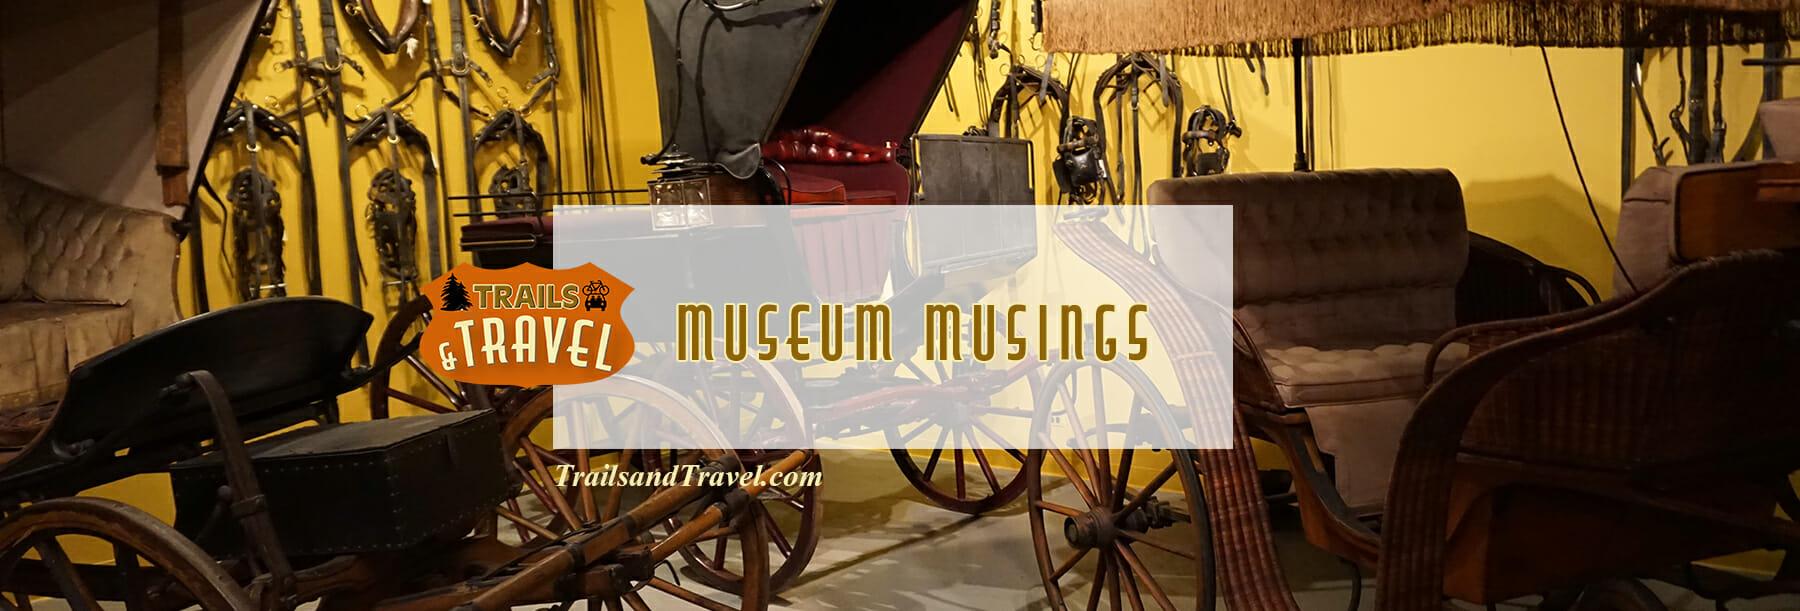 Museum Musings